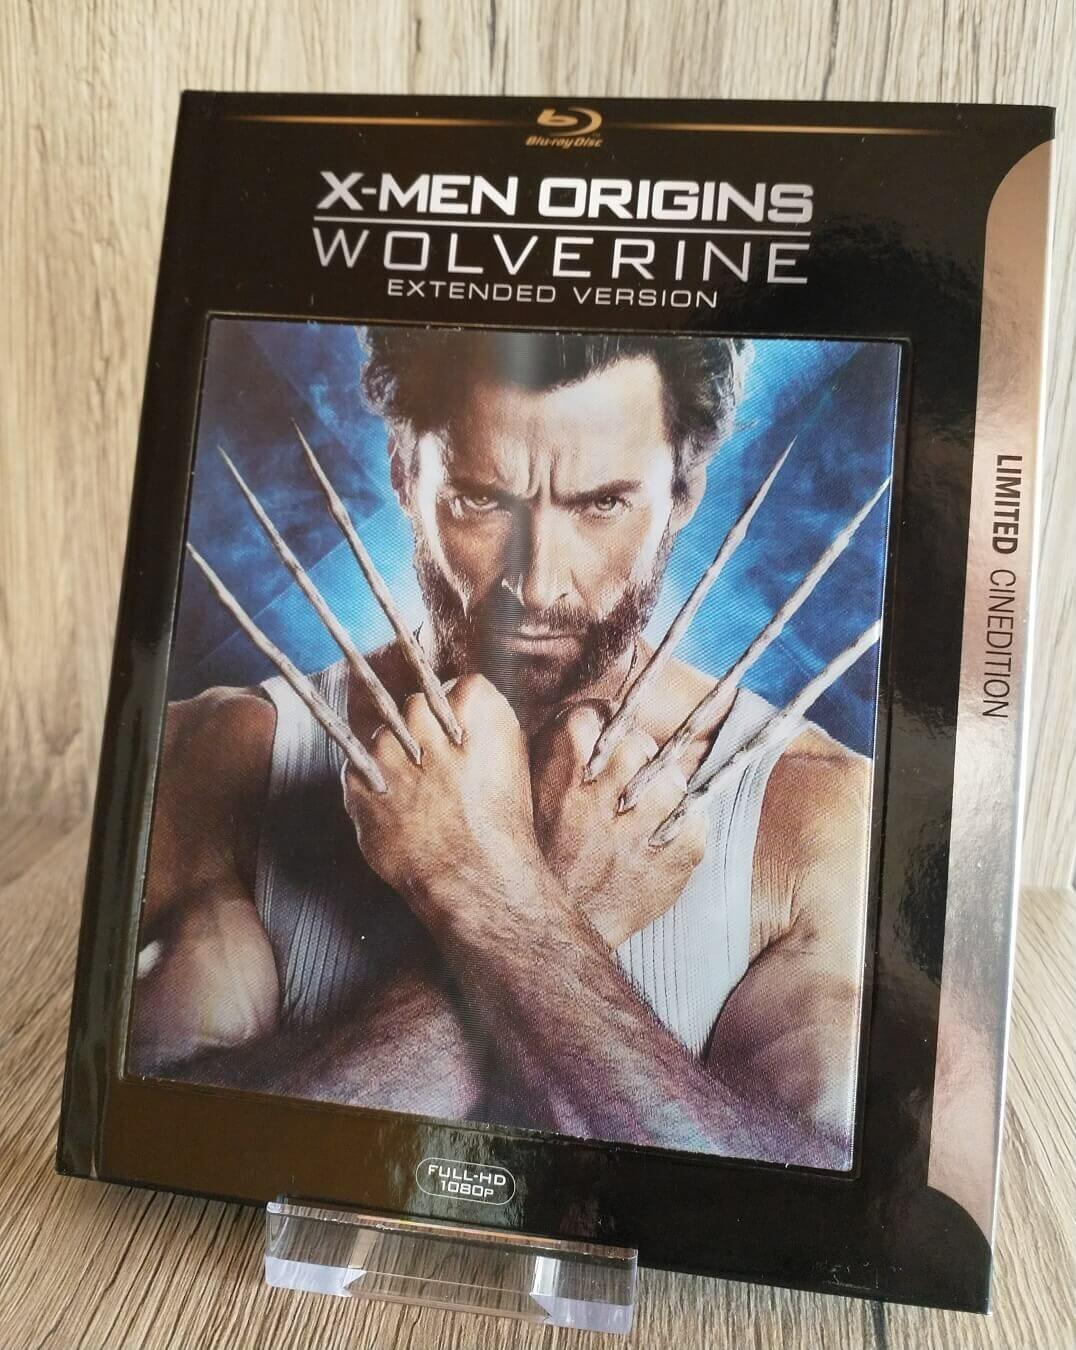 X-Men Origins Wolverine Mediabook